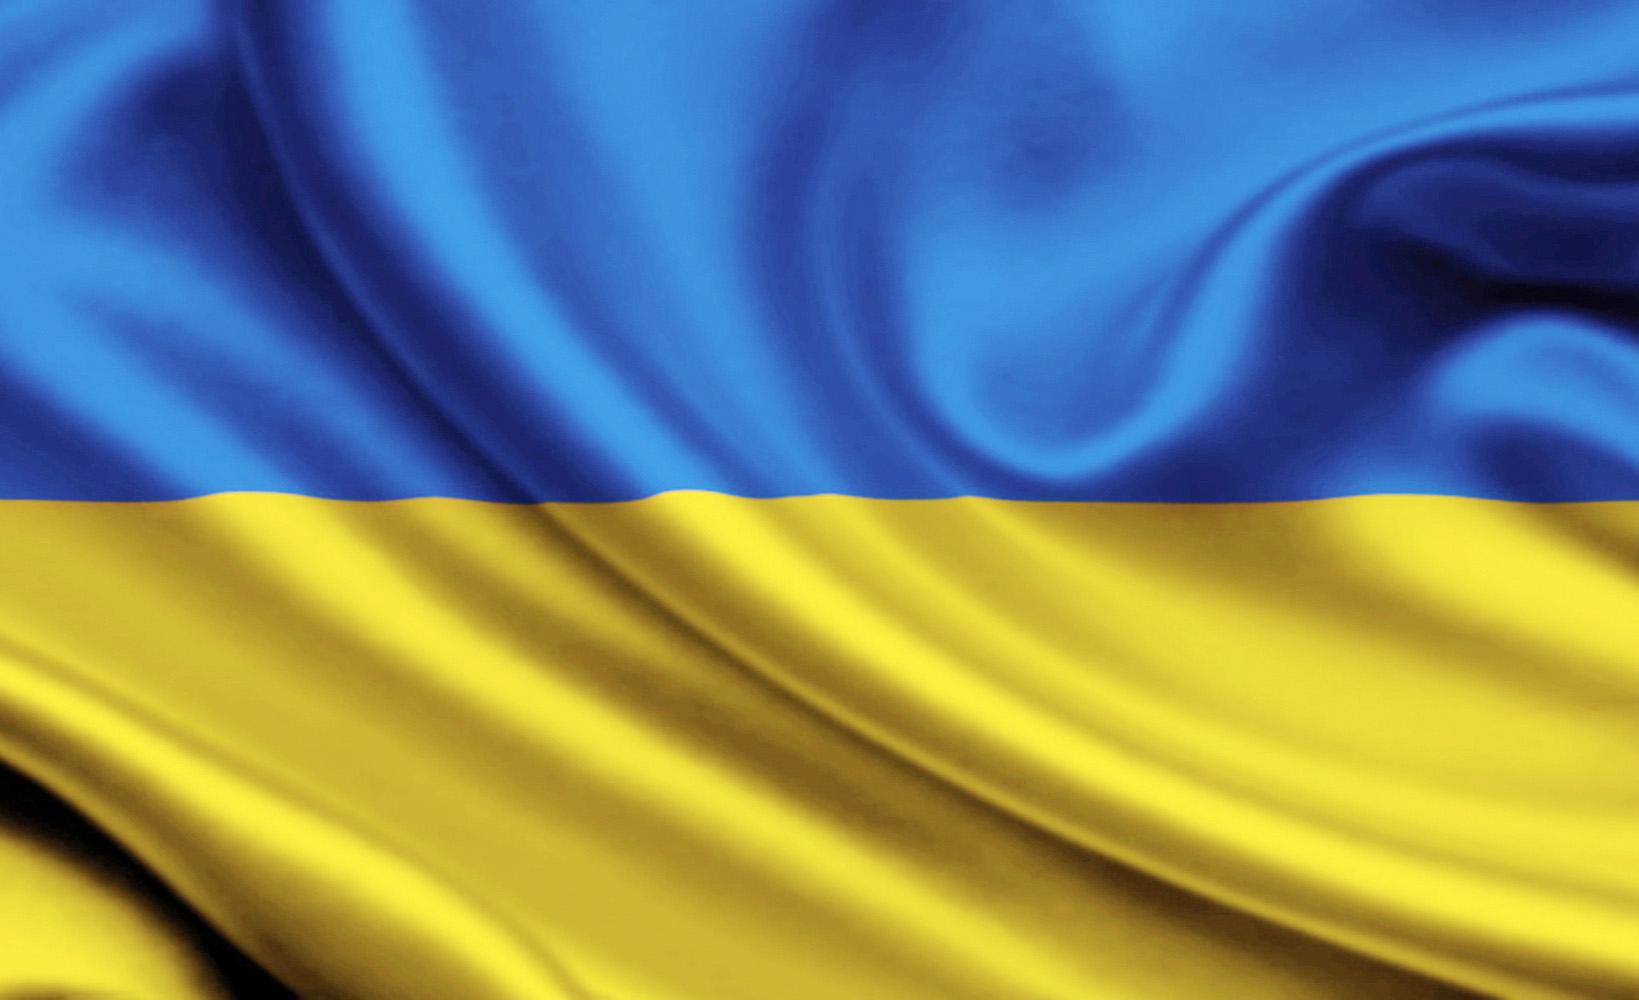 За два года Украина должна выплатить по внешнему госдолгу около $12 млрд